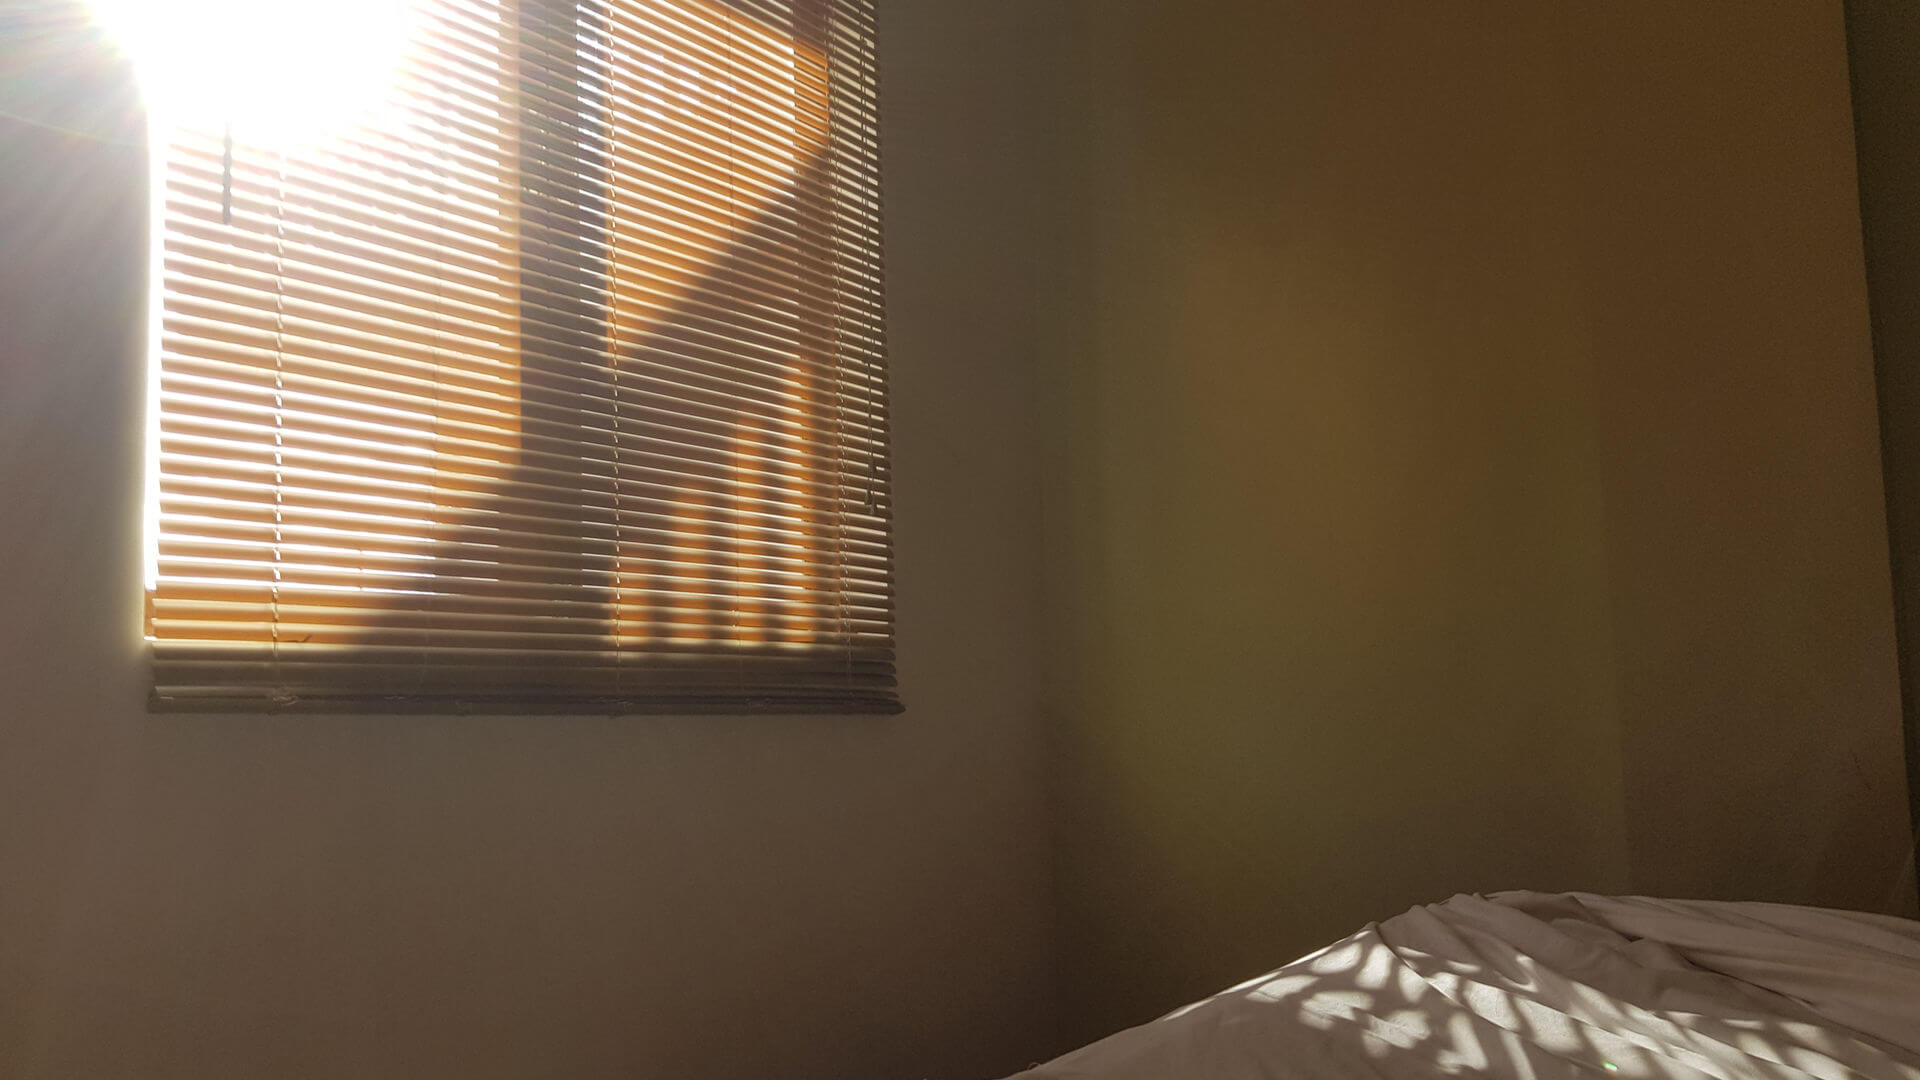 Schlafzimmer verdunkeln - Sonne scheint durch das Rollo ins Schlafzimmer